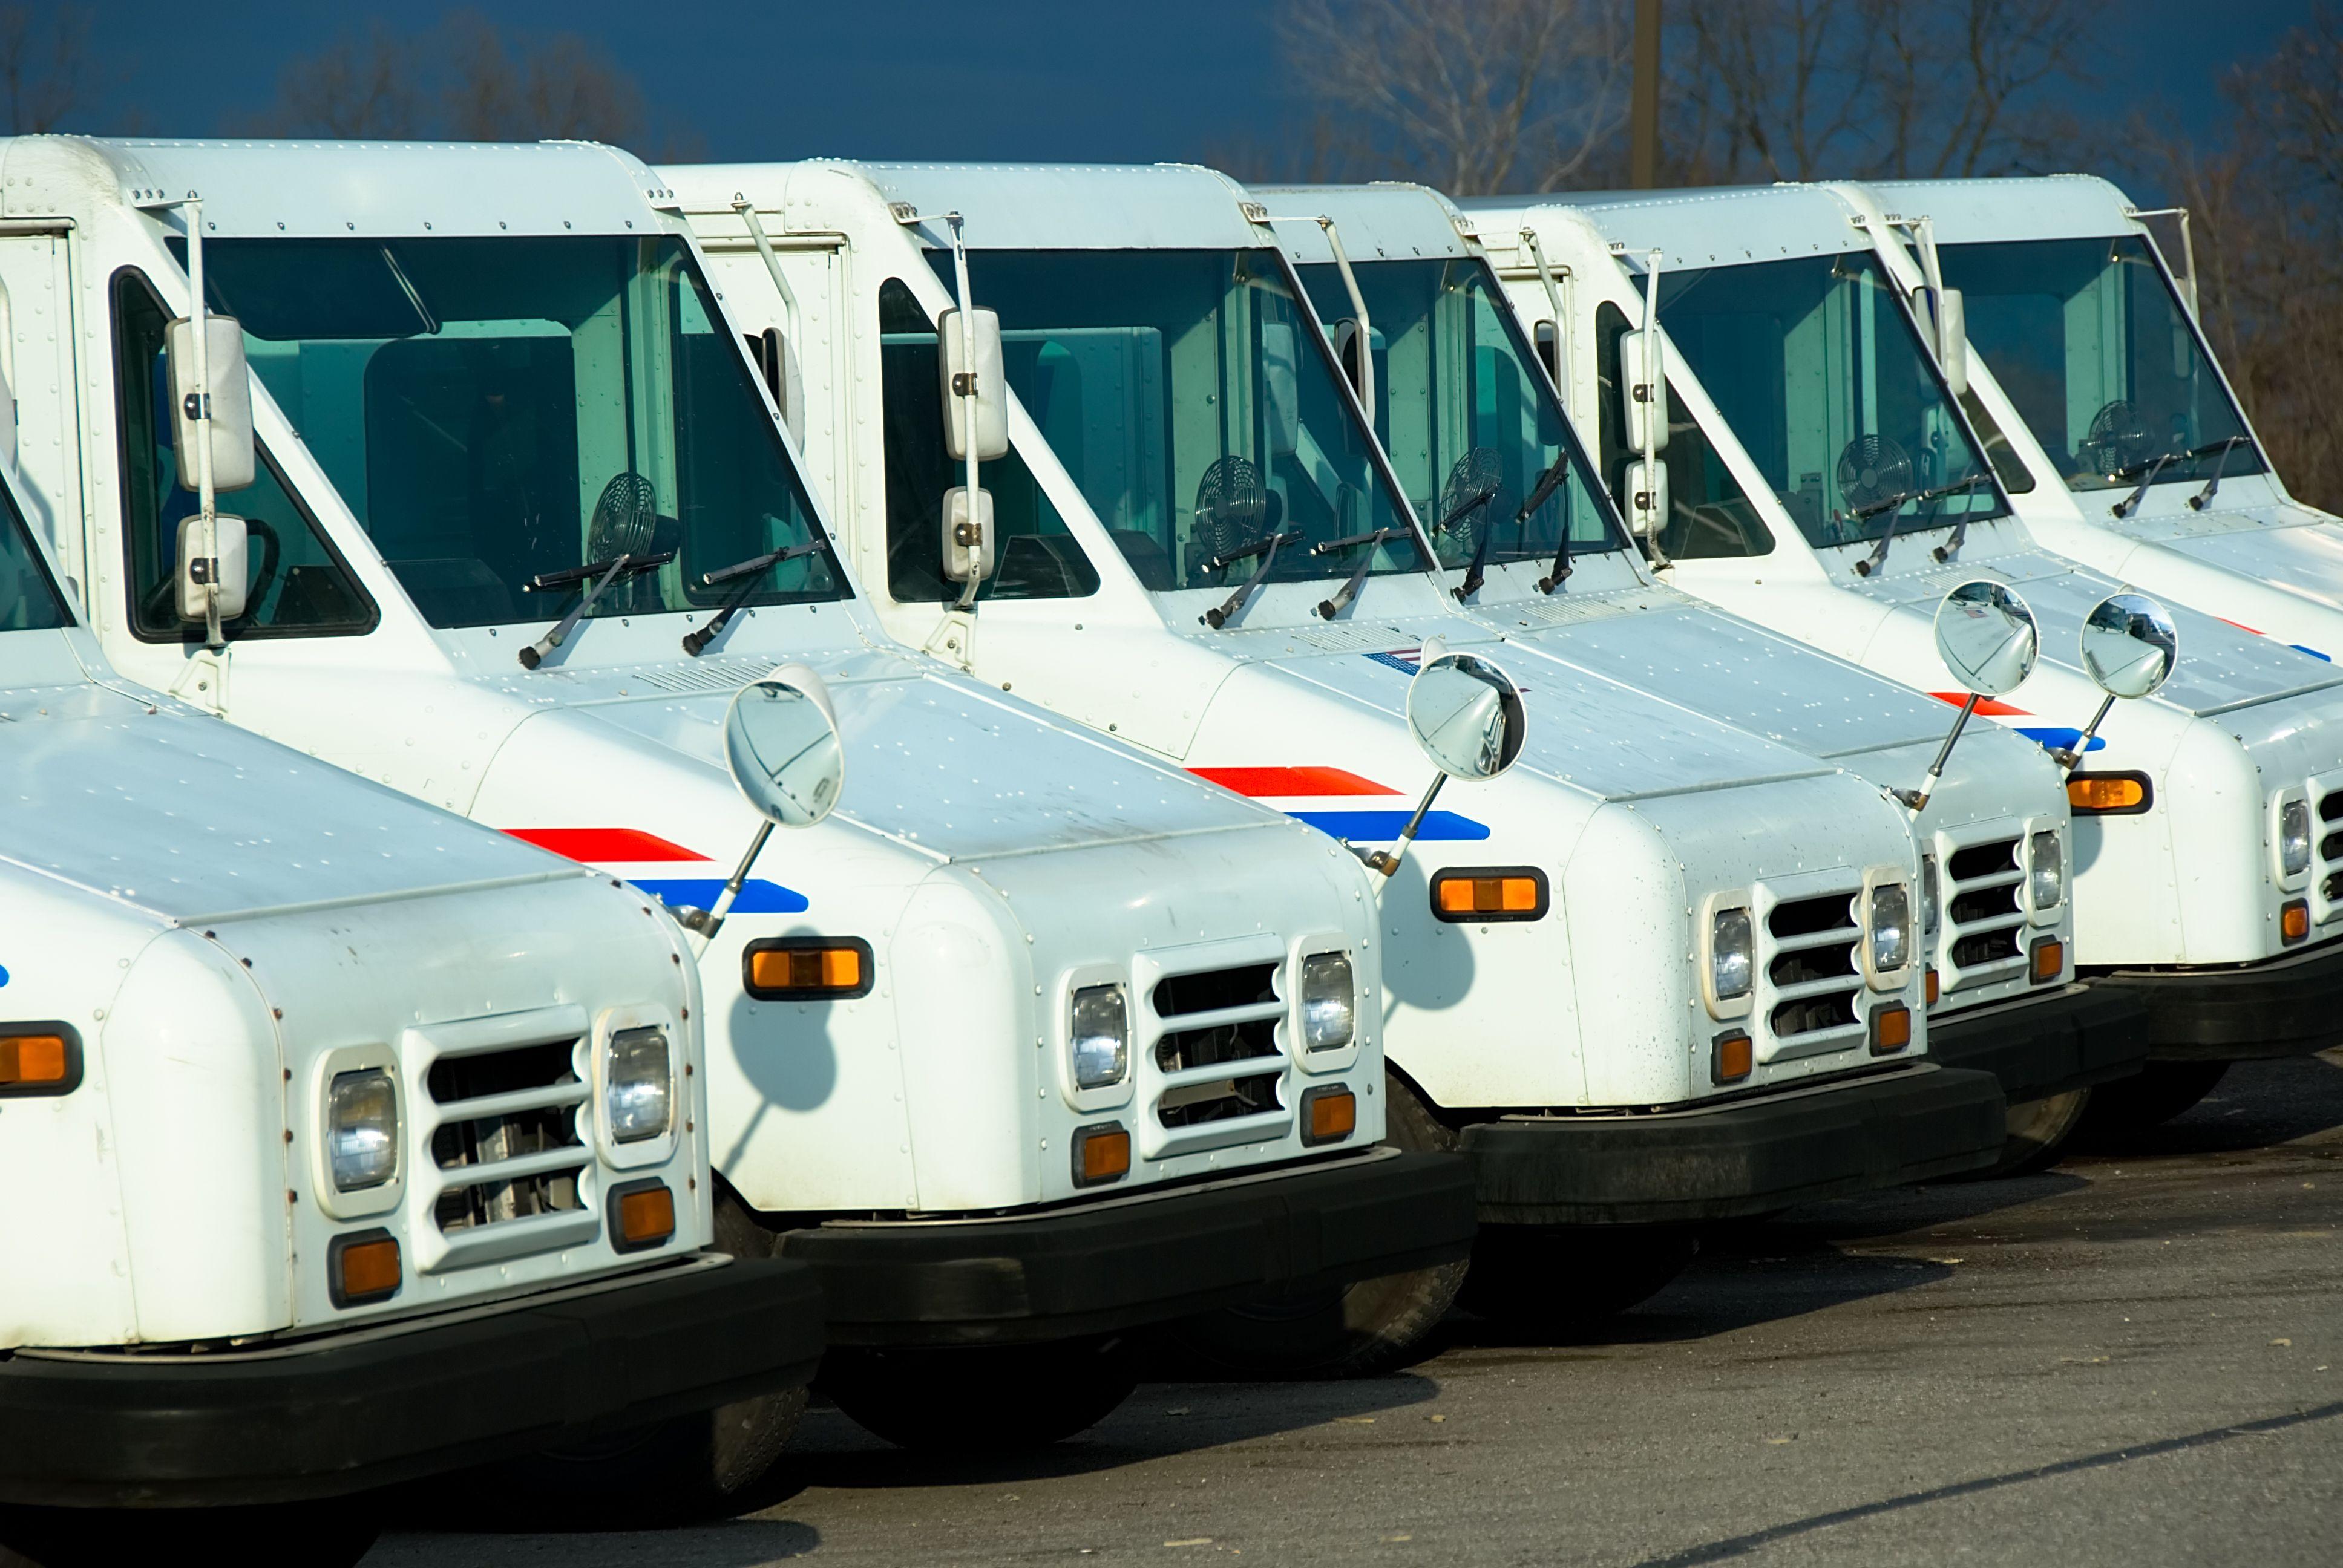 The trucks drive like a dream.